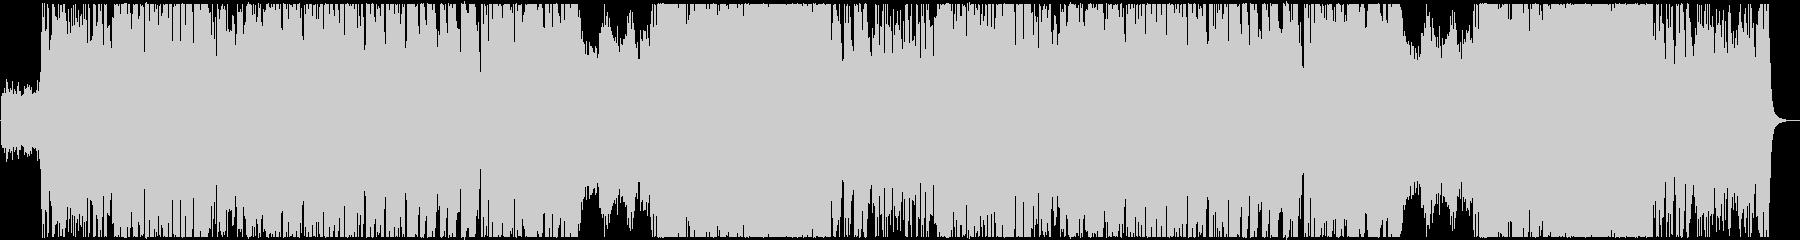 激しいオーケストラ調のバトルBGMの未再生の波形